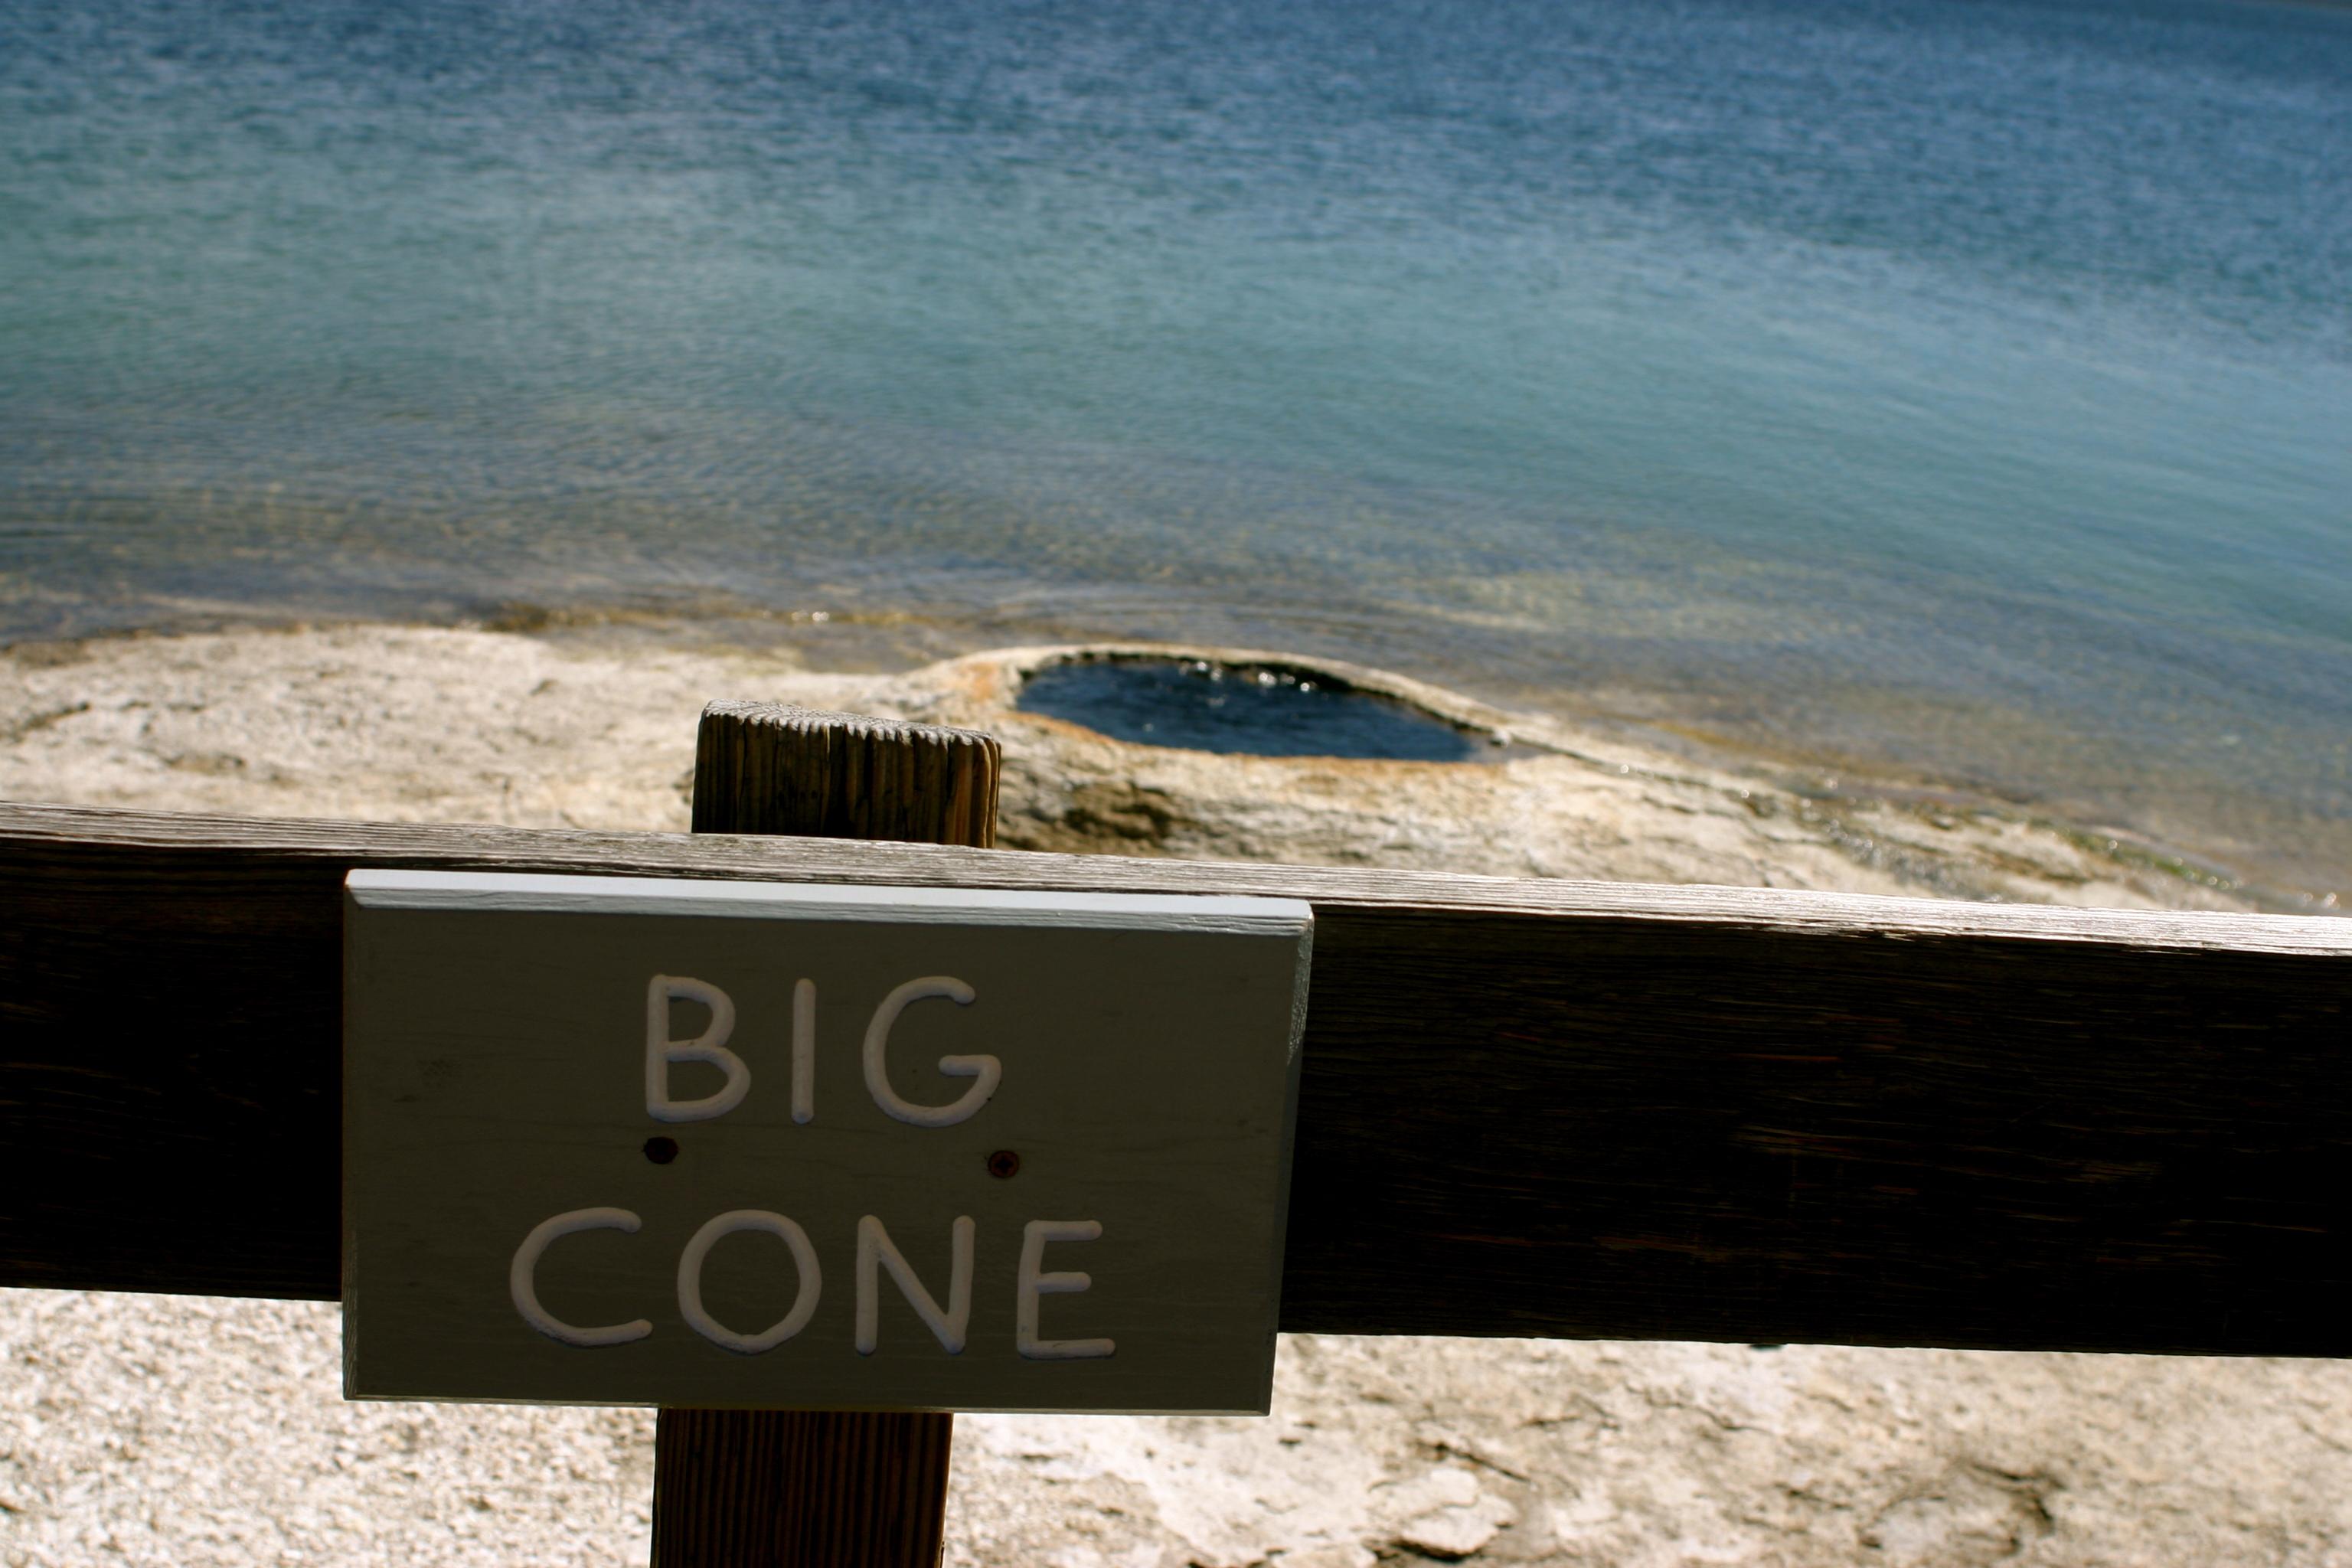 The Big Cone